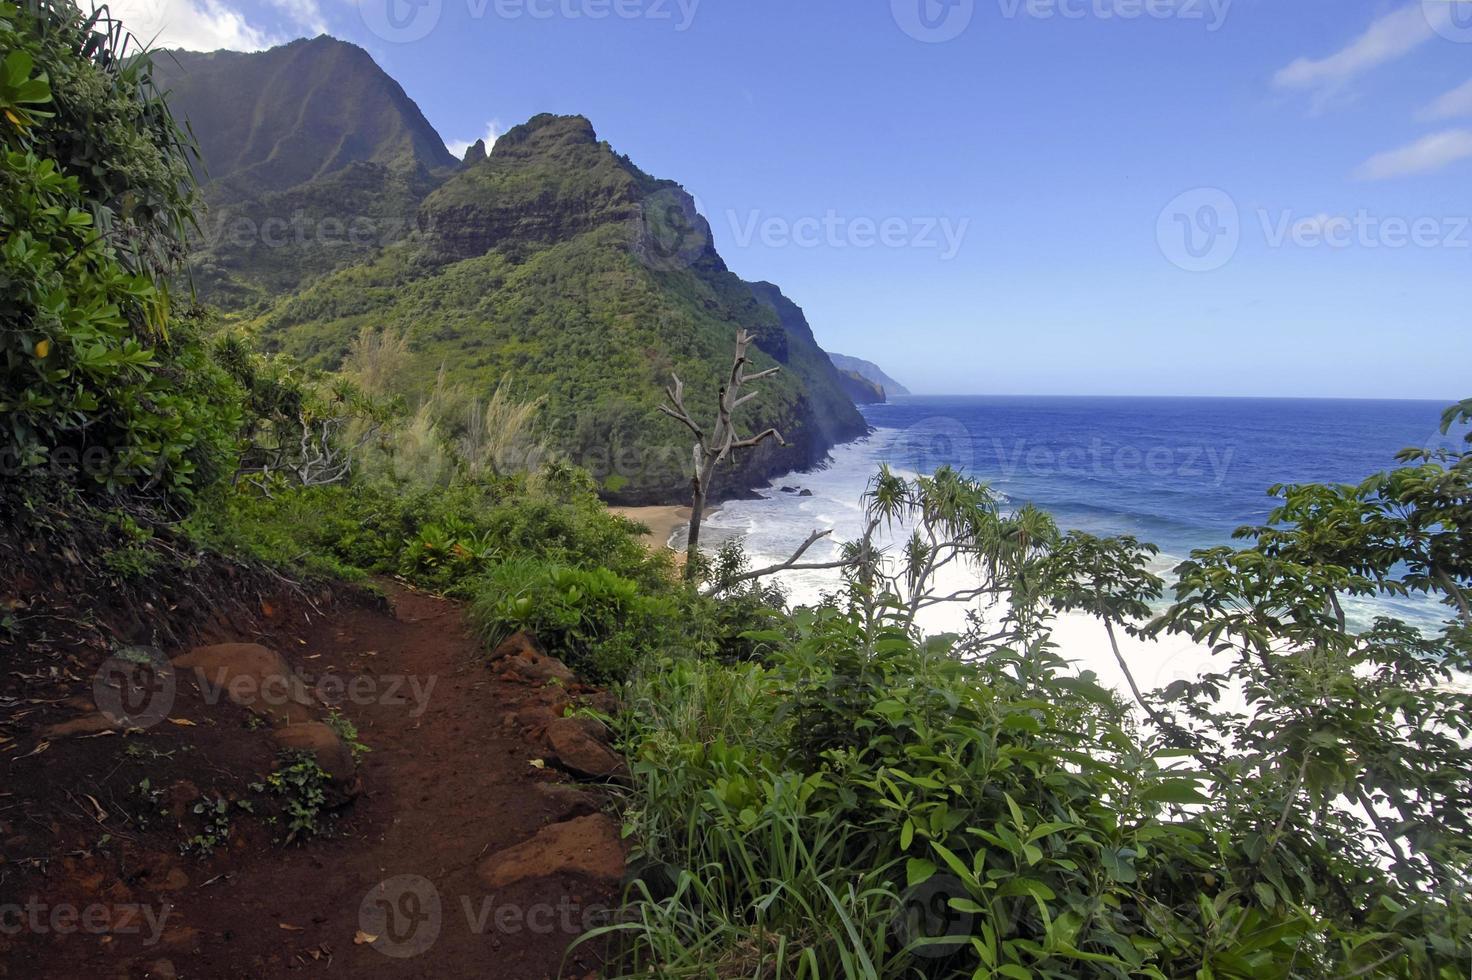 ruige kustlijn en kliffen van Kauai, Hawaï foto